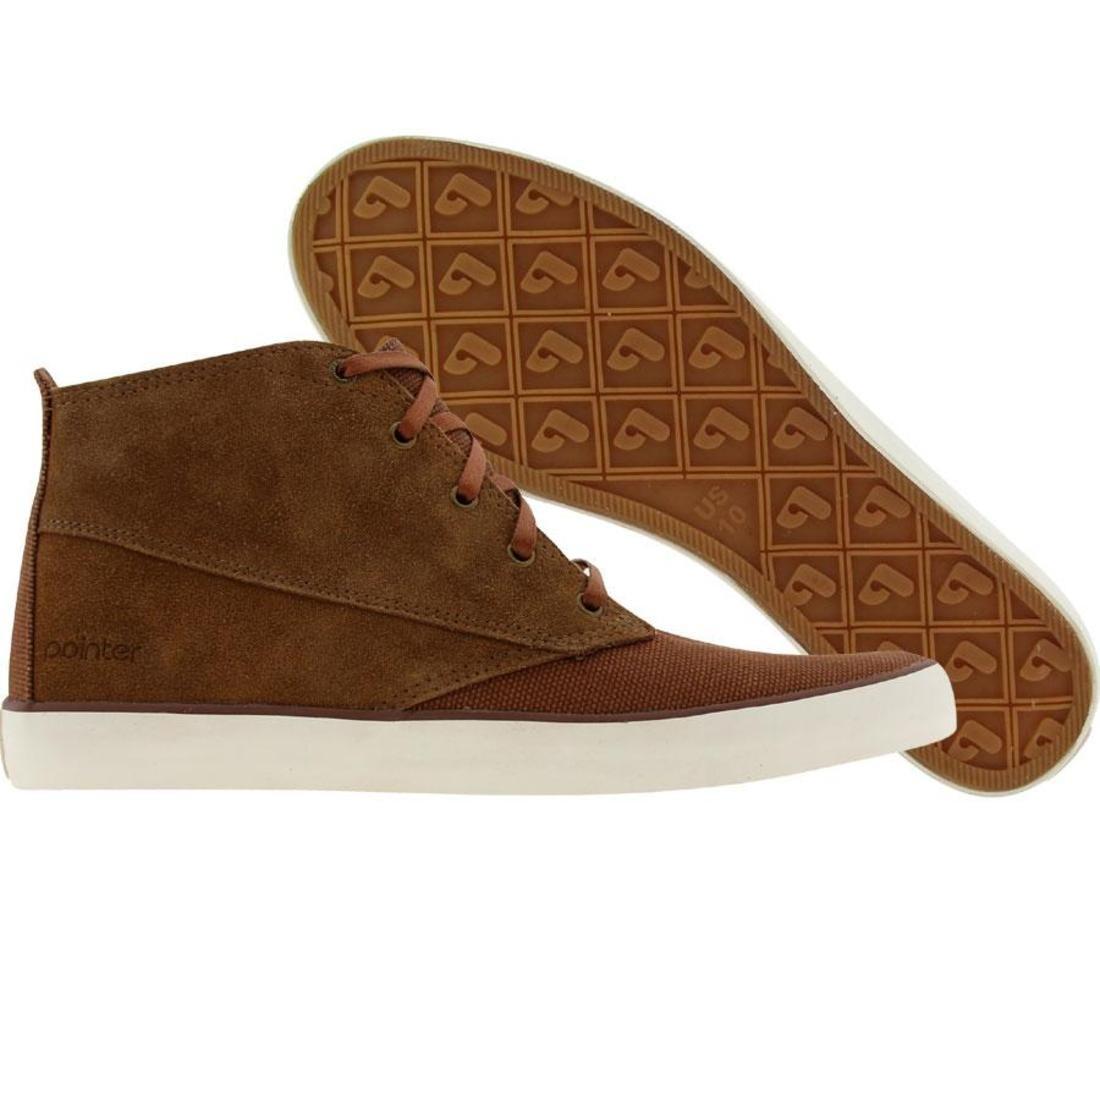 【海外限定】靴 メンズ靴 【 POINTER RANDALL TAN 】